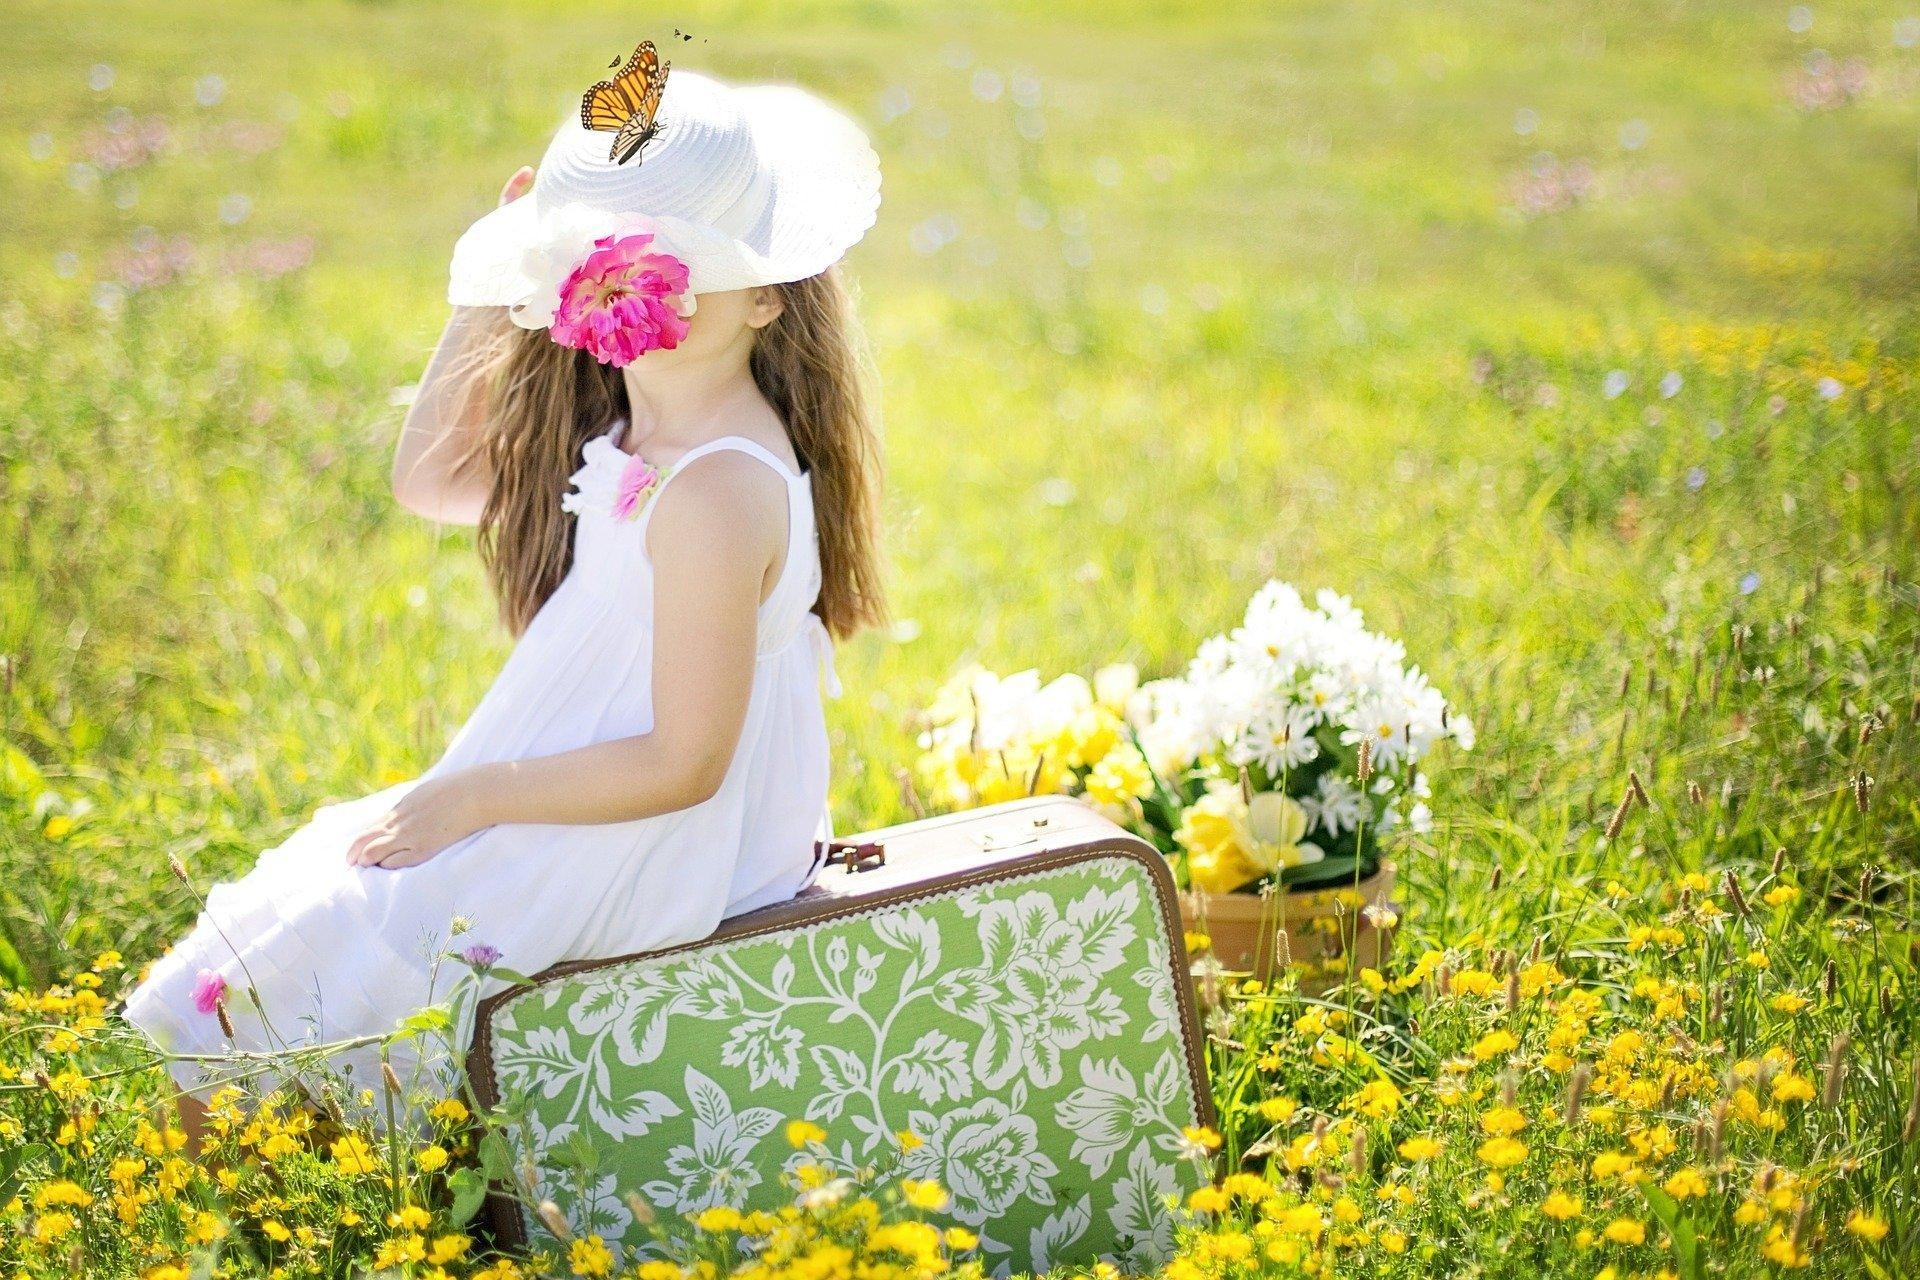 Wiosno czarodziejko, wierszyk dla dzieci na powitanie wiosny